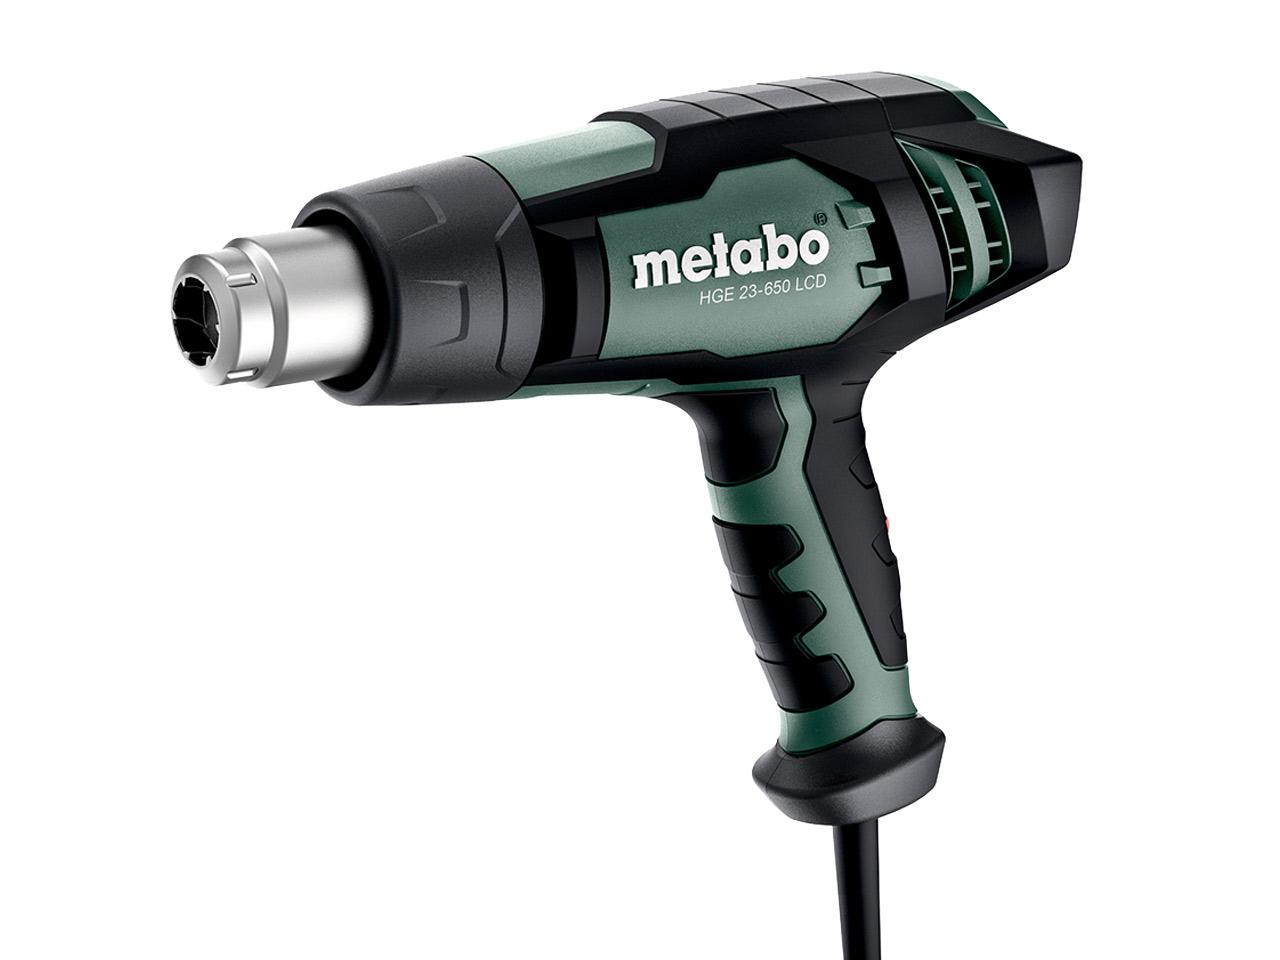 Metabo_603065500.jpg